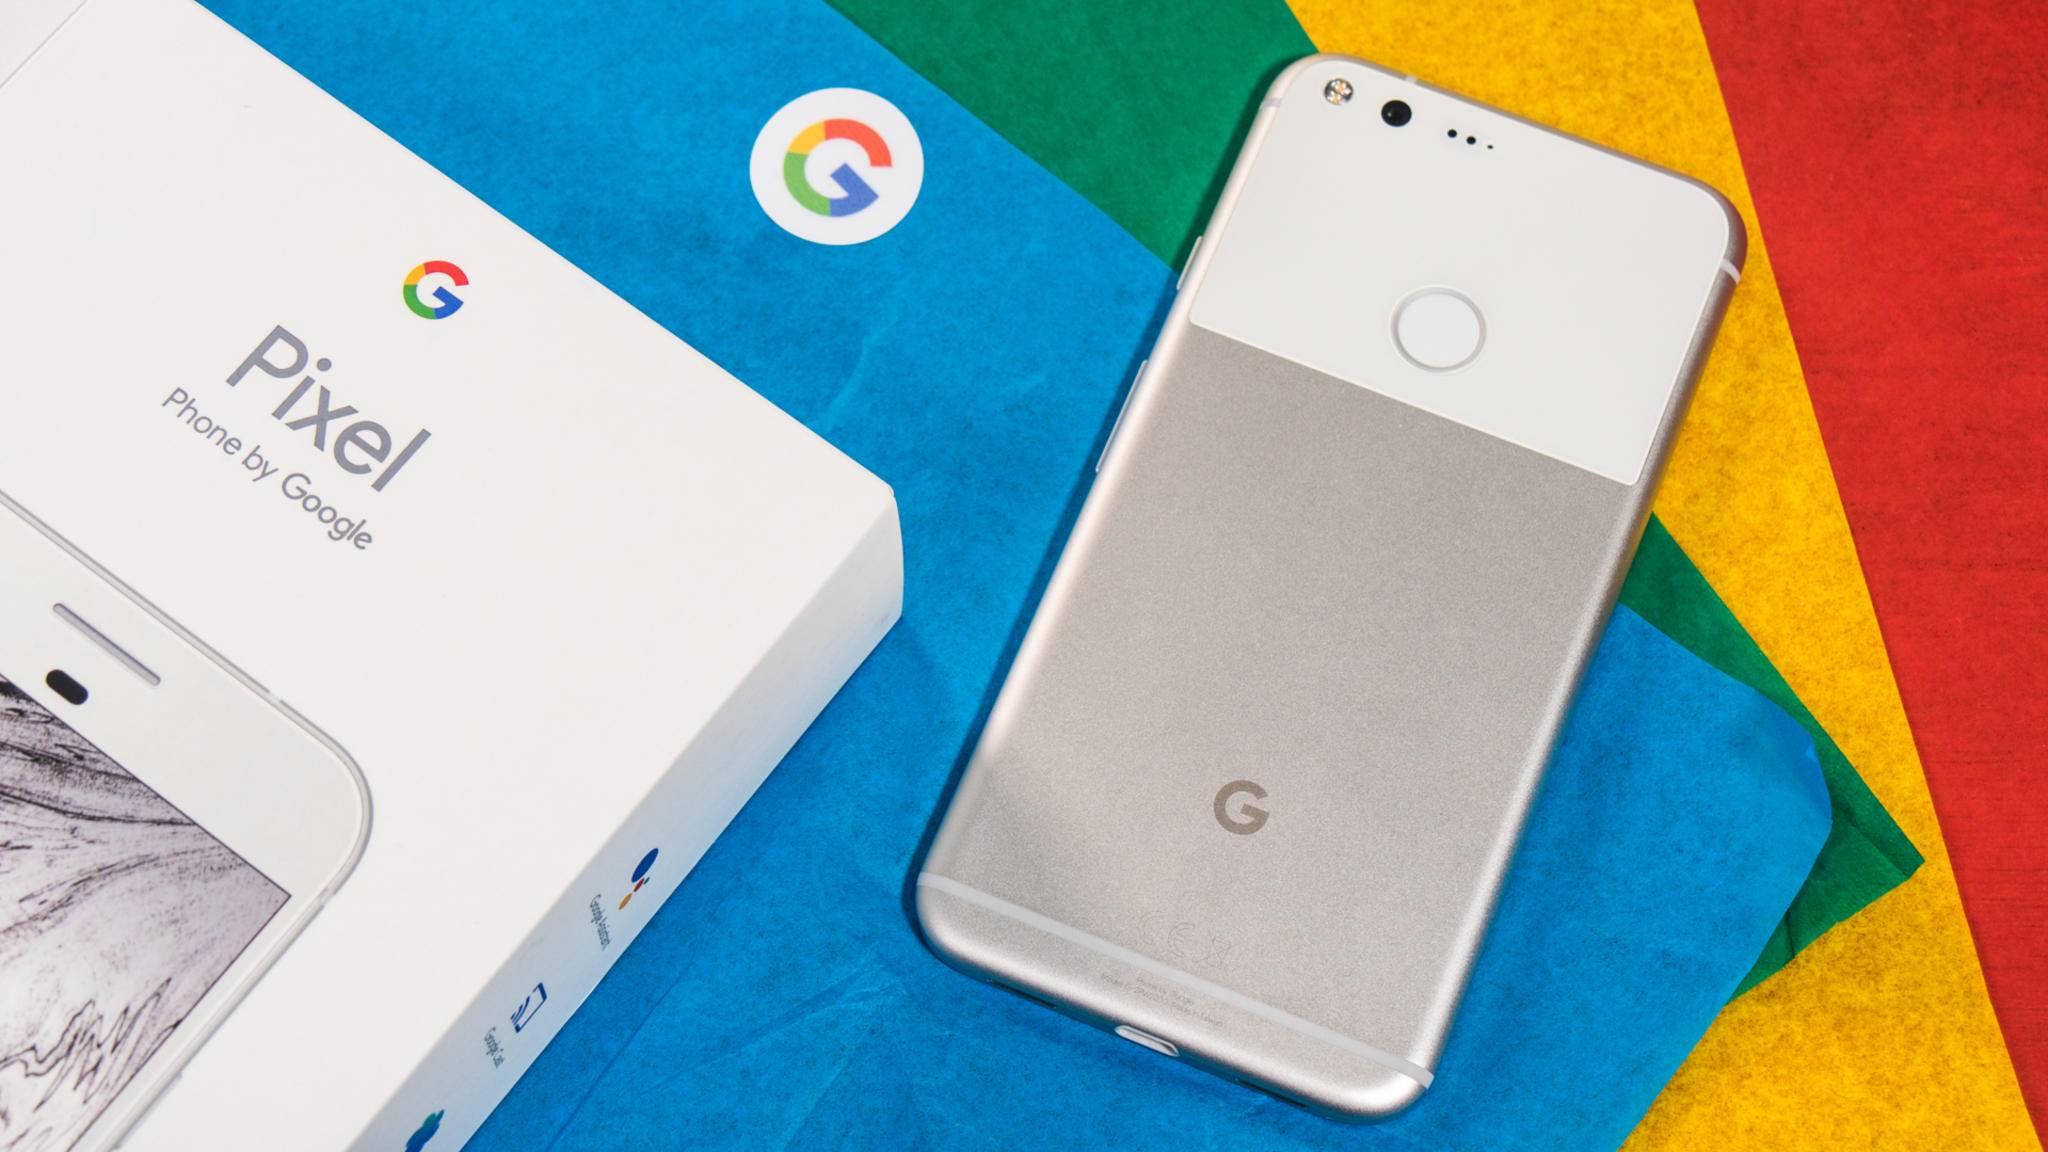 Das Google Pixel XL bietet eine Top-Technik, aber das Design könnte eine Auffrischung ertragen.